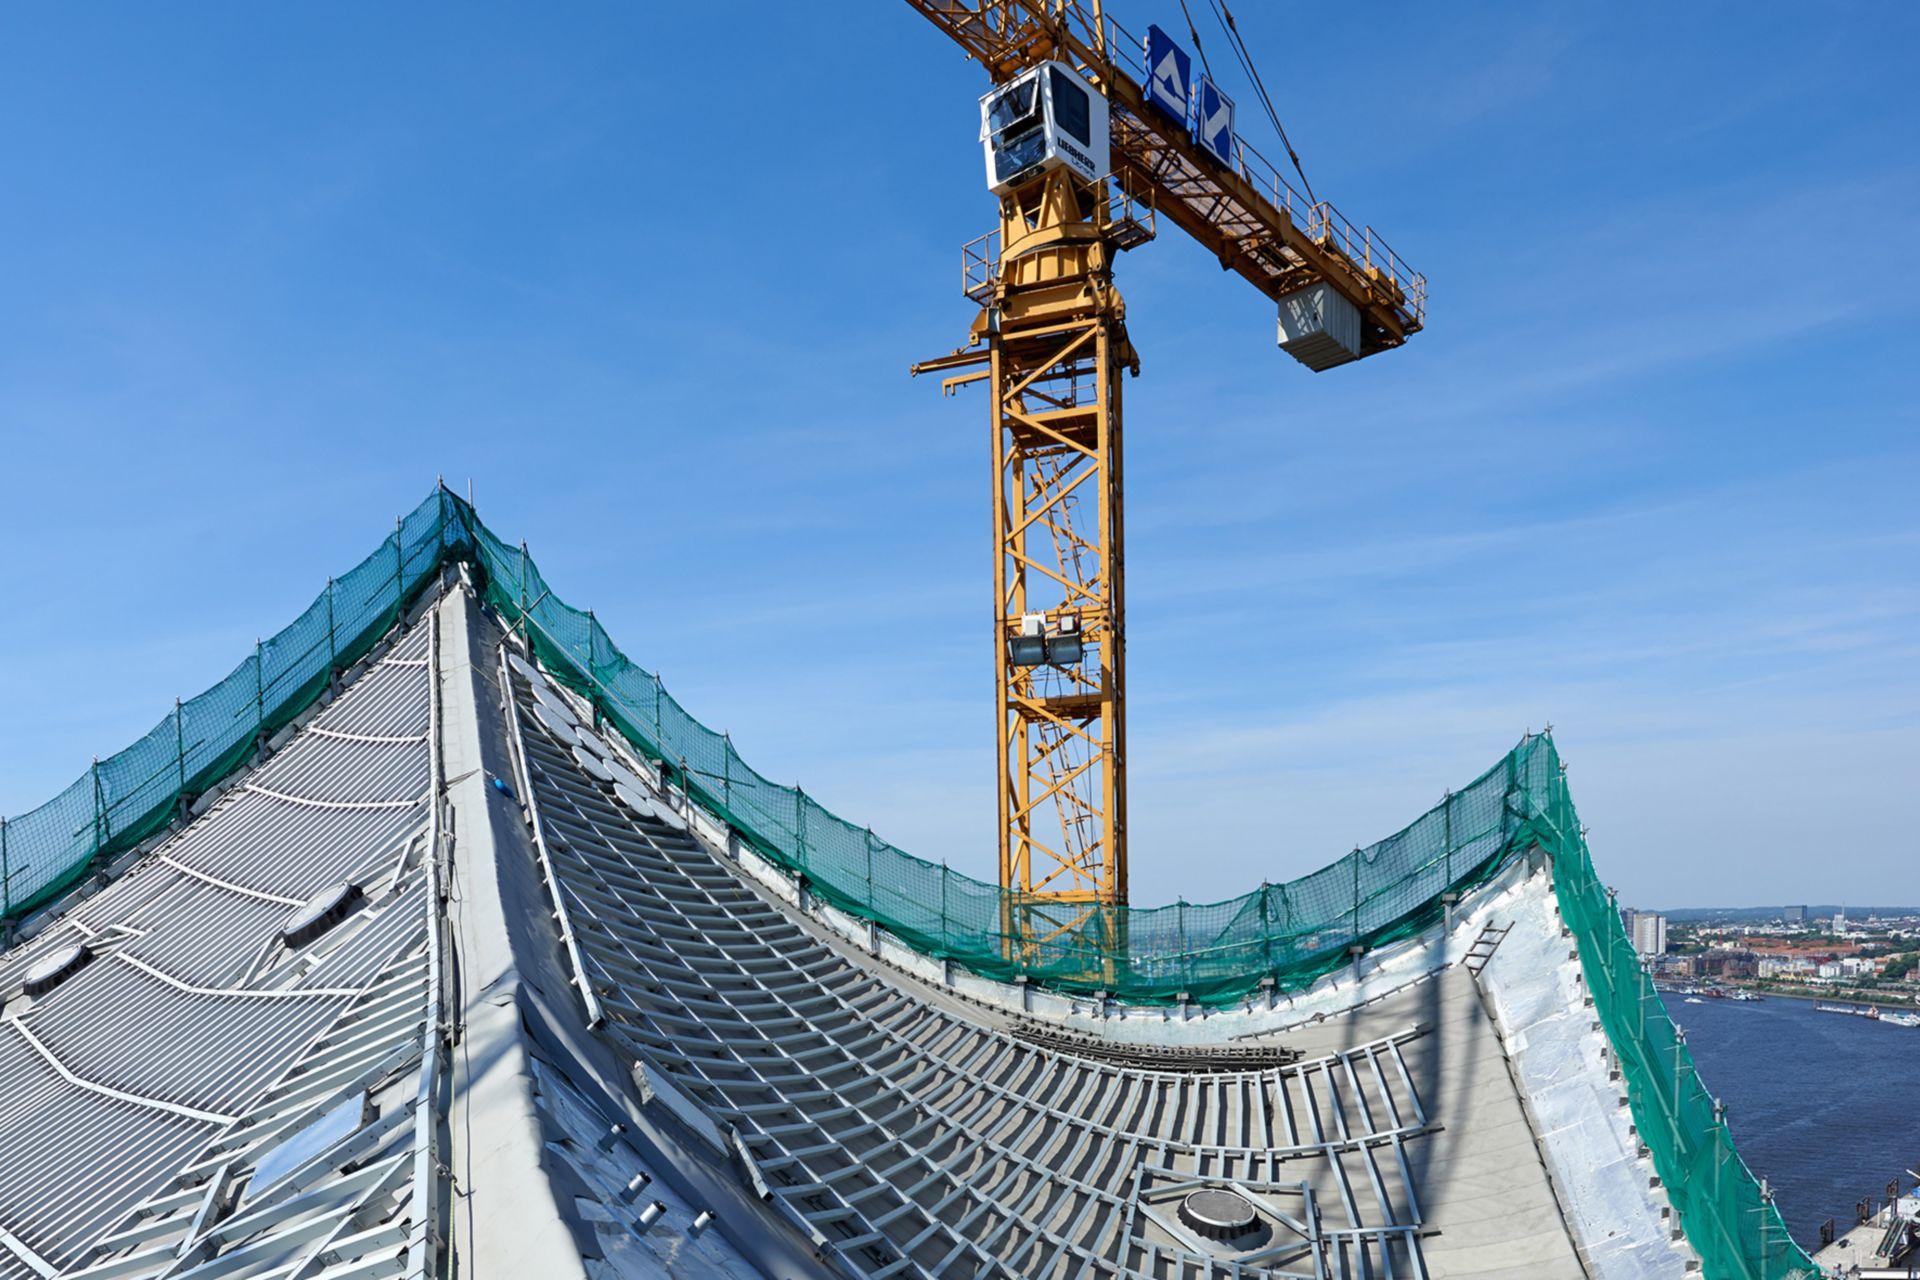 Sarnafil waterproofing membrane on roofing area of Elbphilharmonie in Hamburg